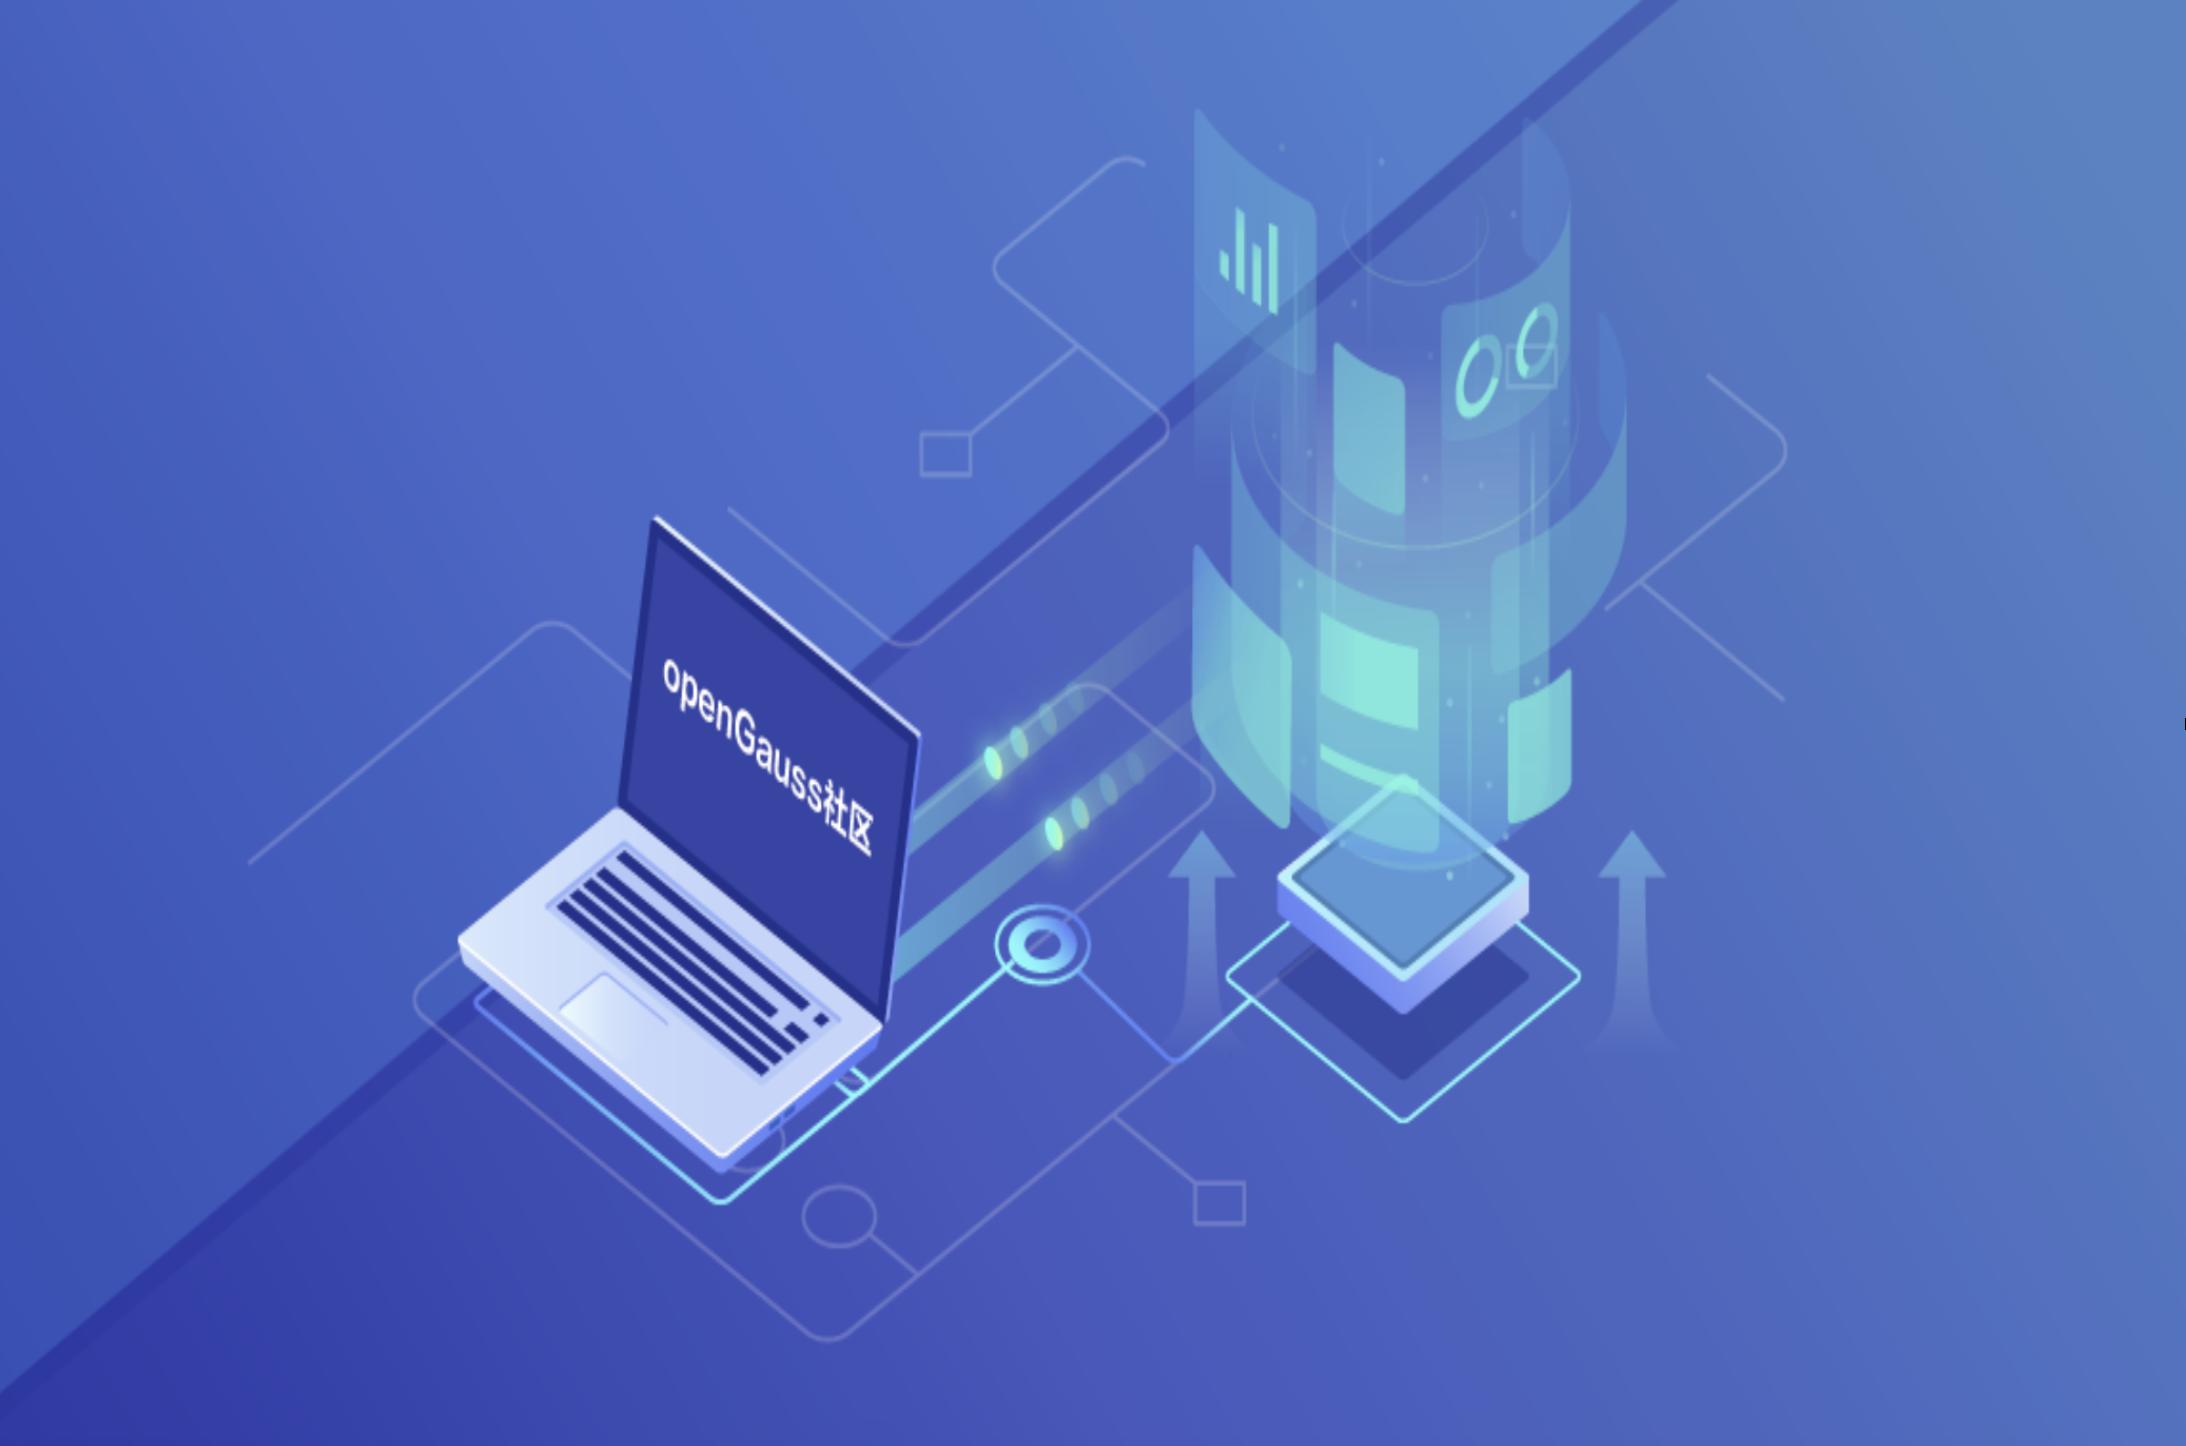 OpenGauss новая СУБД от Huawei для нагруженных enterprise-проектов прибавила в функциональности